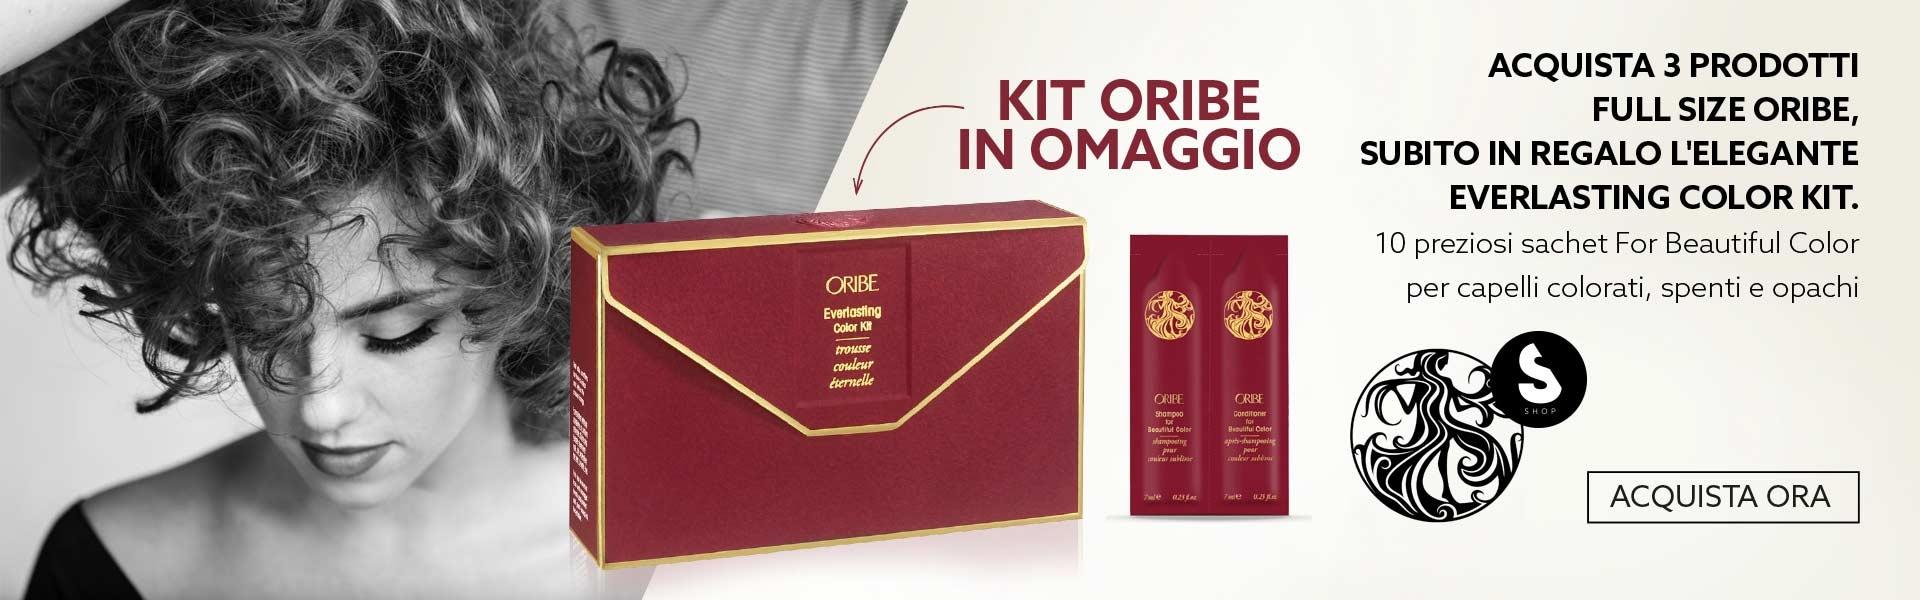 Oribe Kit OMAGGIO